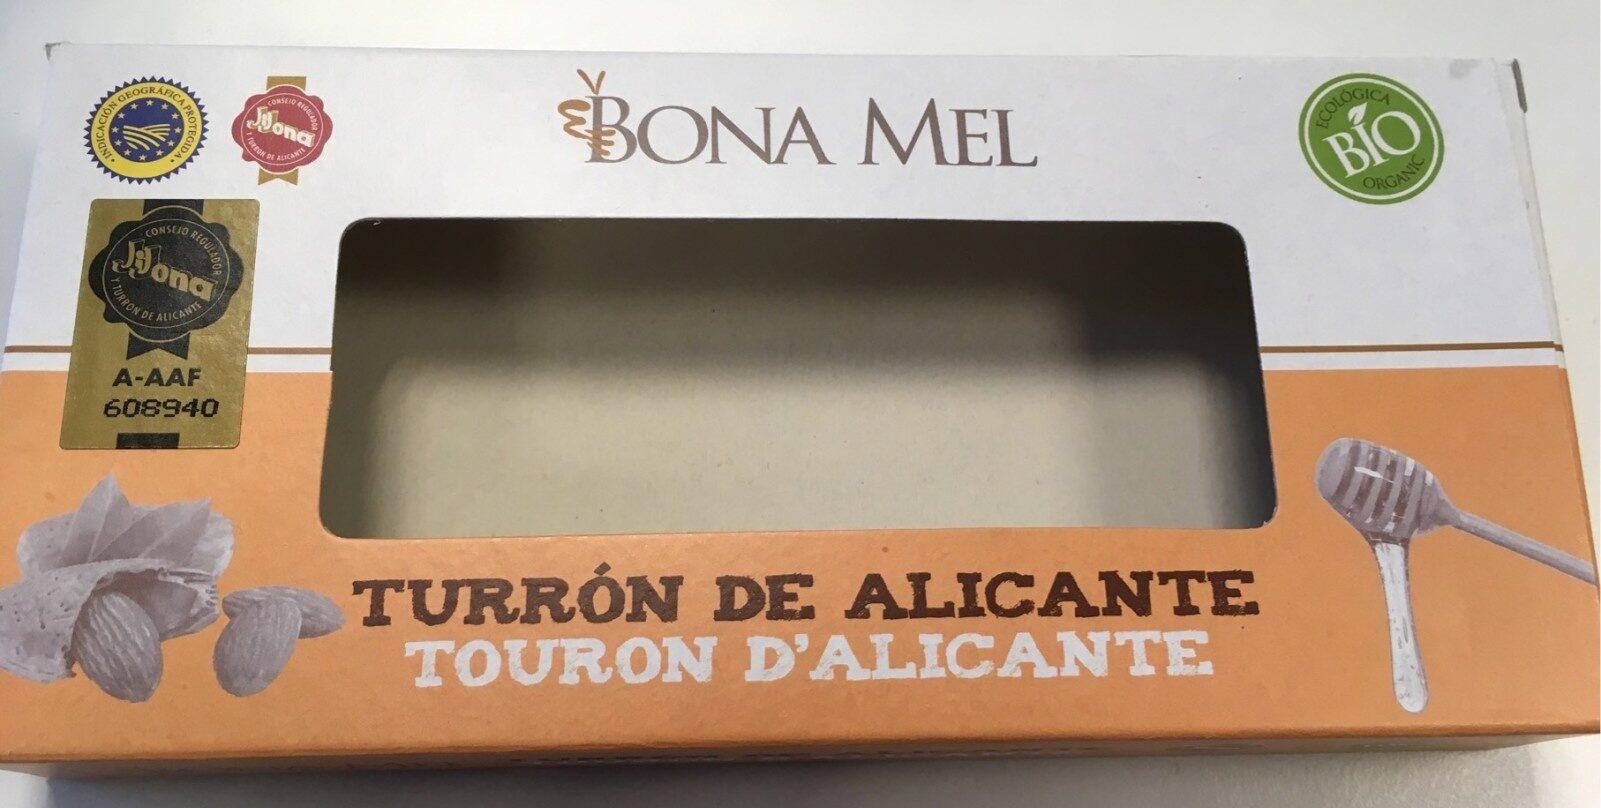 Turrón de Alicante ecologico - Product - es